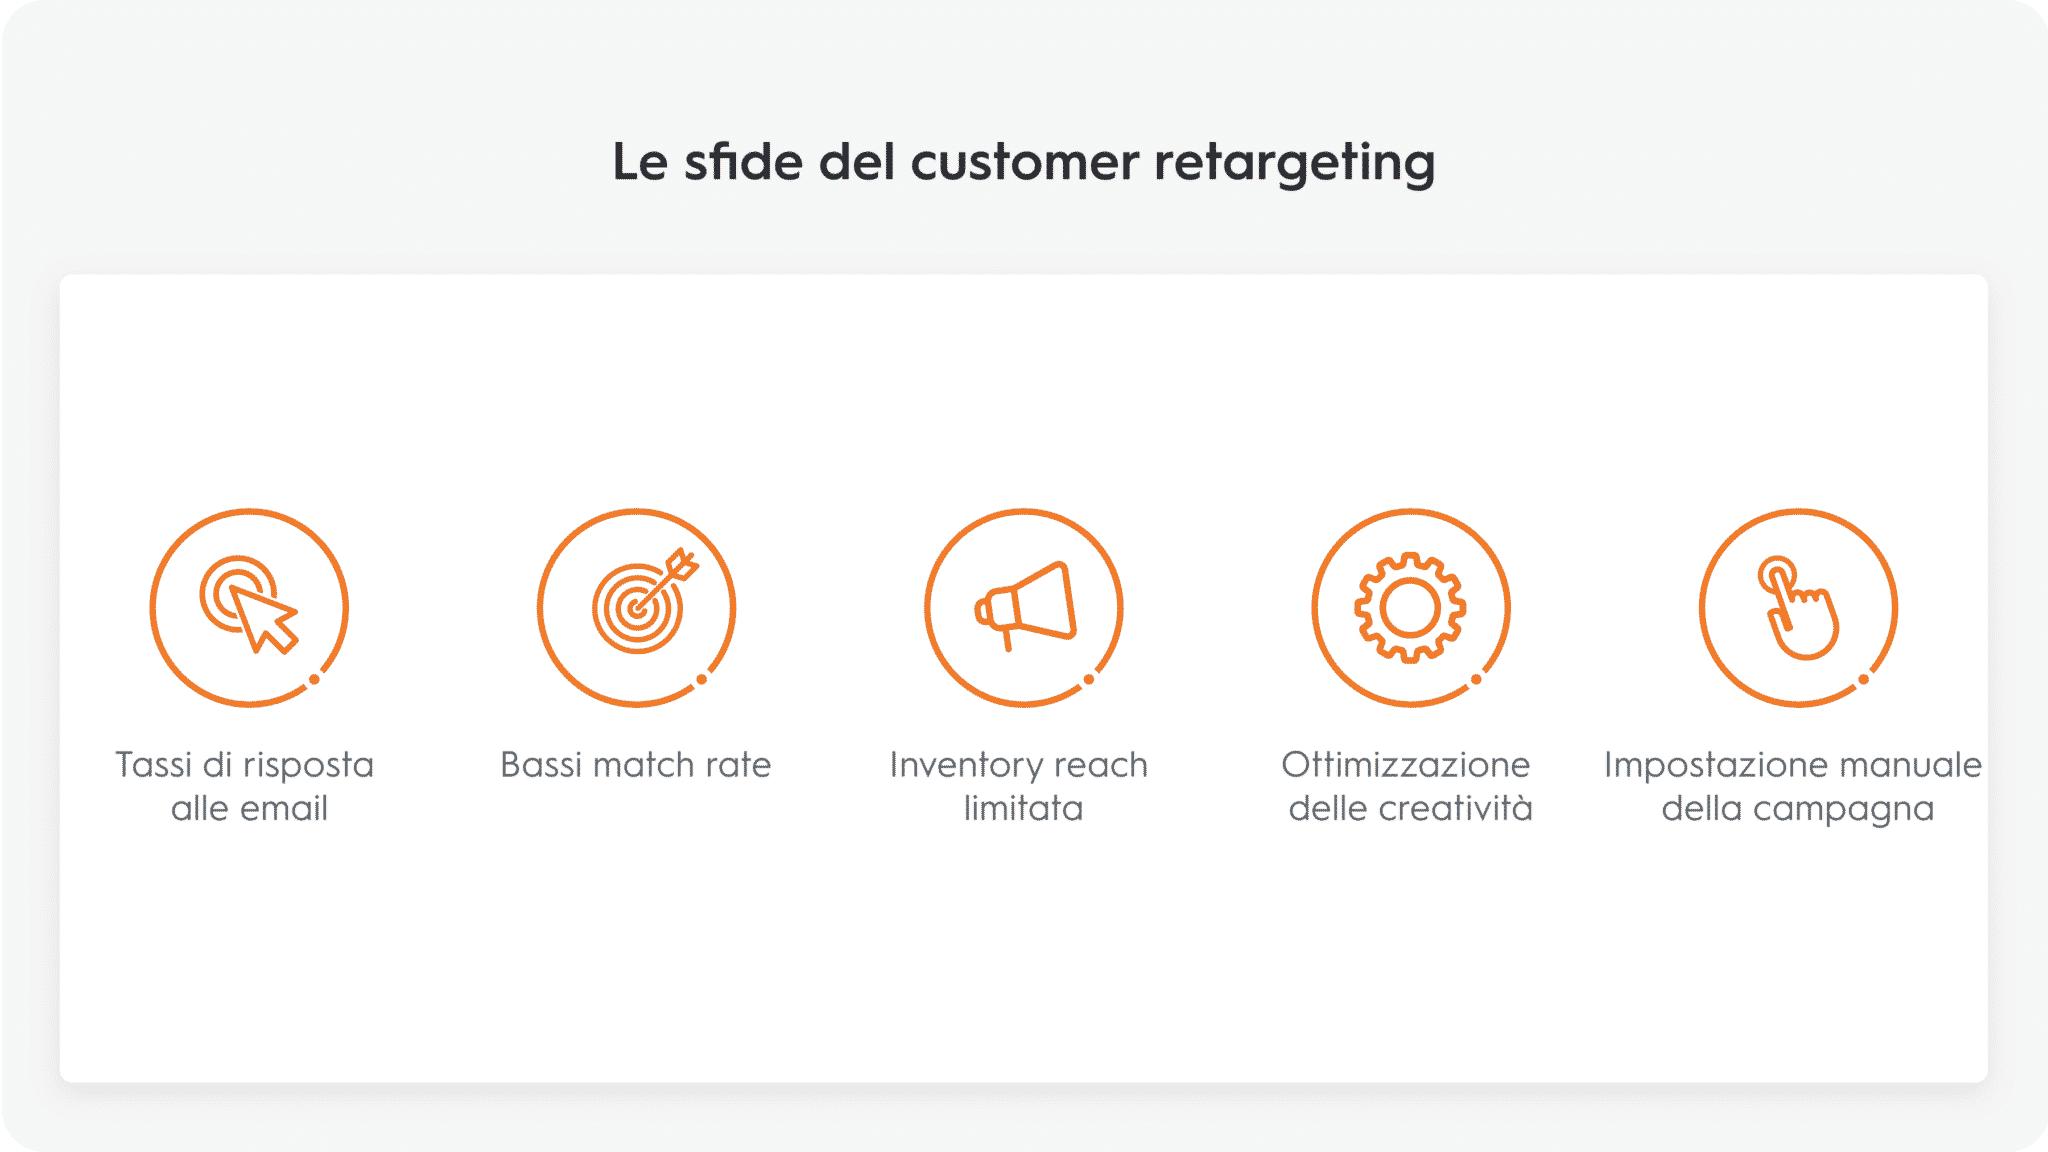 Le sfide del customer retargeting